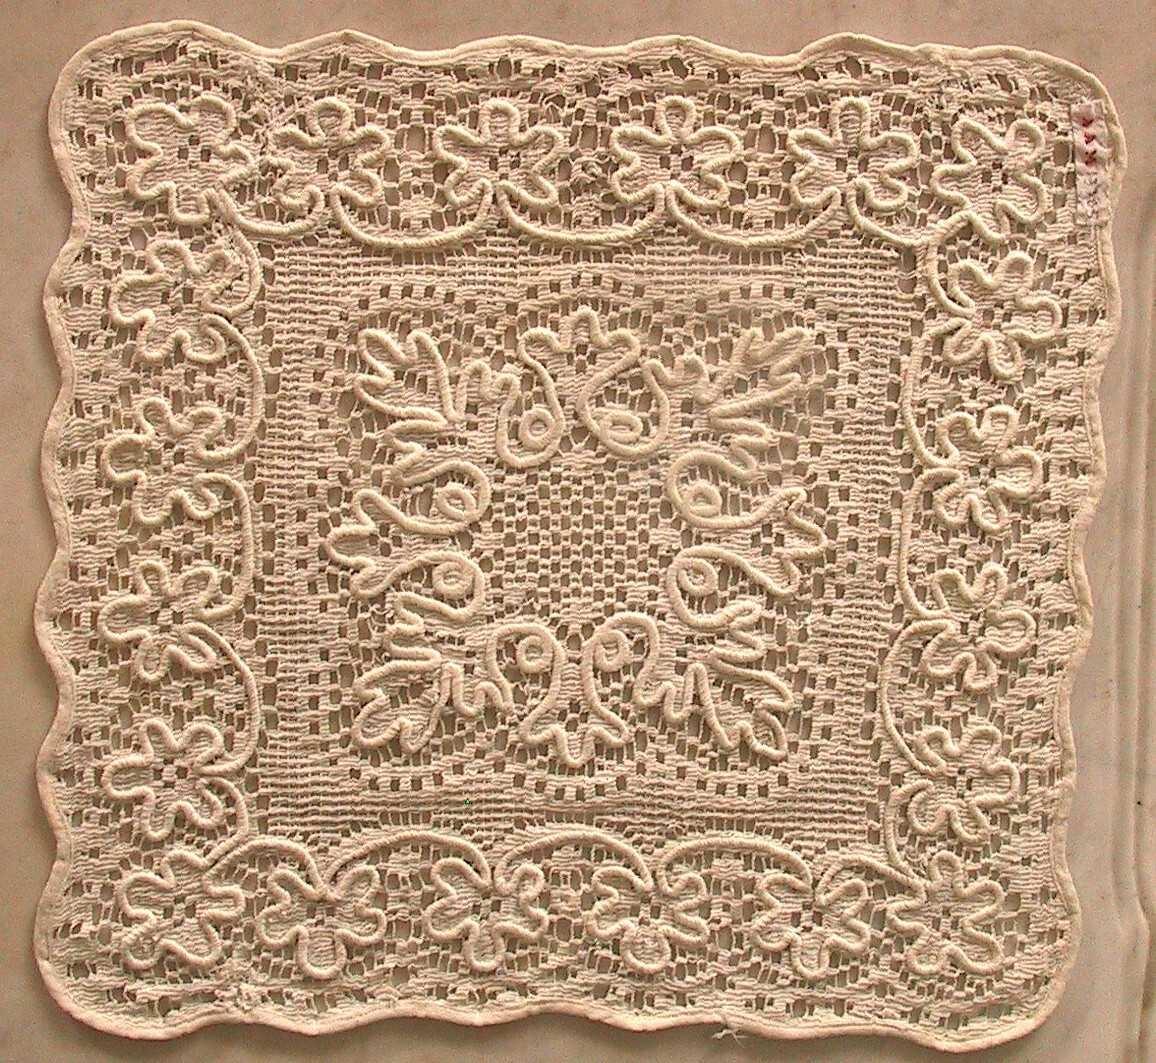 Liten firkantet brikke med hvitt kantebånd, bord av fembladede blomster langs kantene, spissbladet bord pm.   Filert, maskinlaget.  Tilstand: God